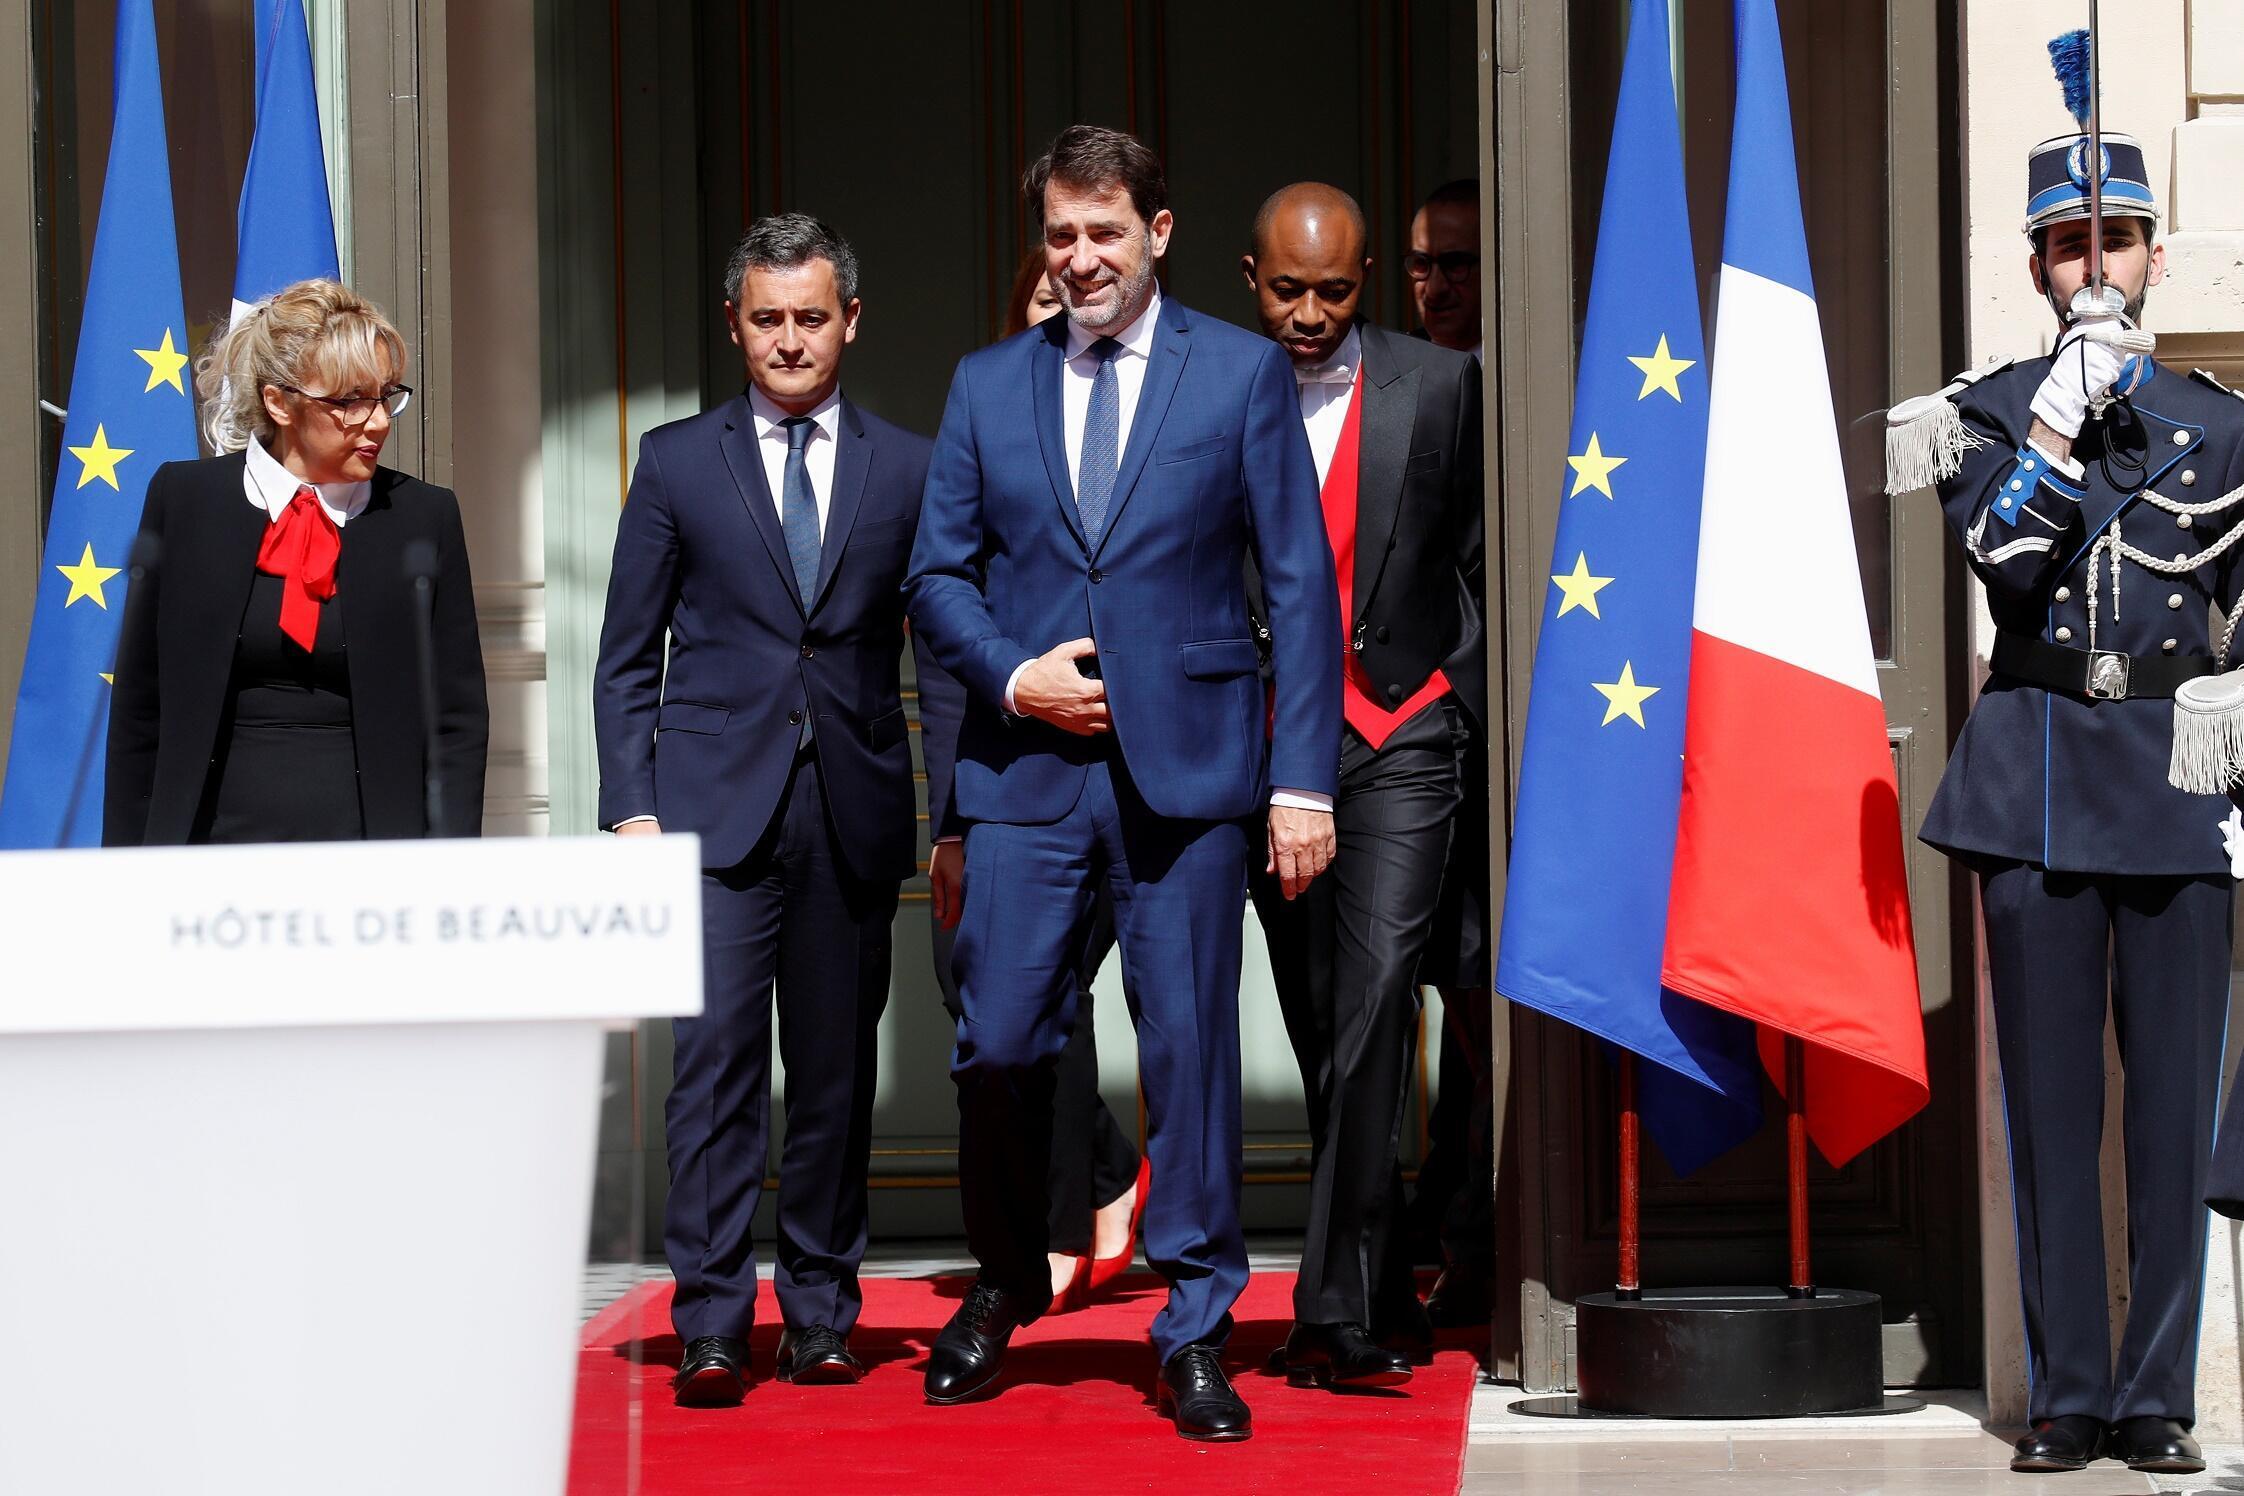 Passation de pouvoir au ministère de l'Intérieur entre Christophe Castaner (à dr.) et Gérald Darmanin (à g.), le 7 juillet 2020.